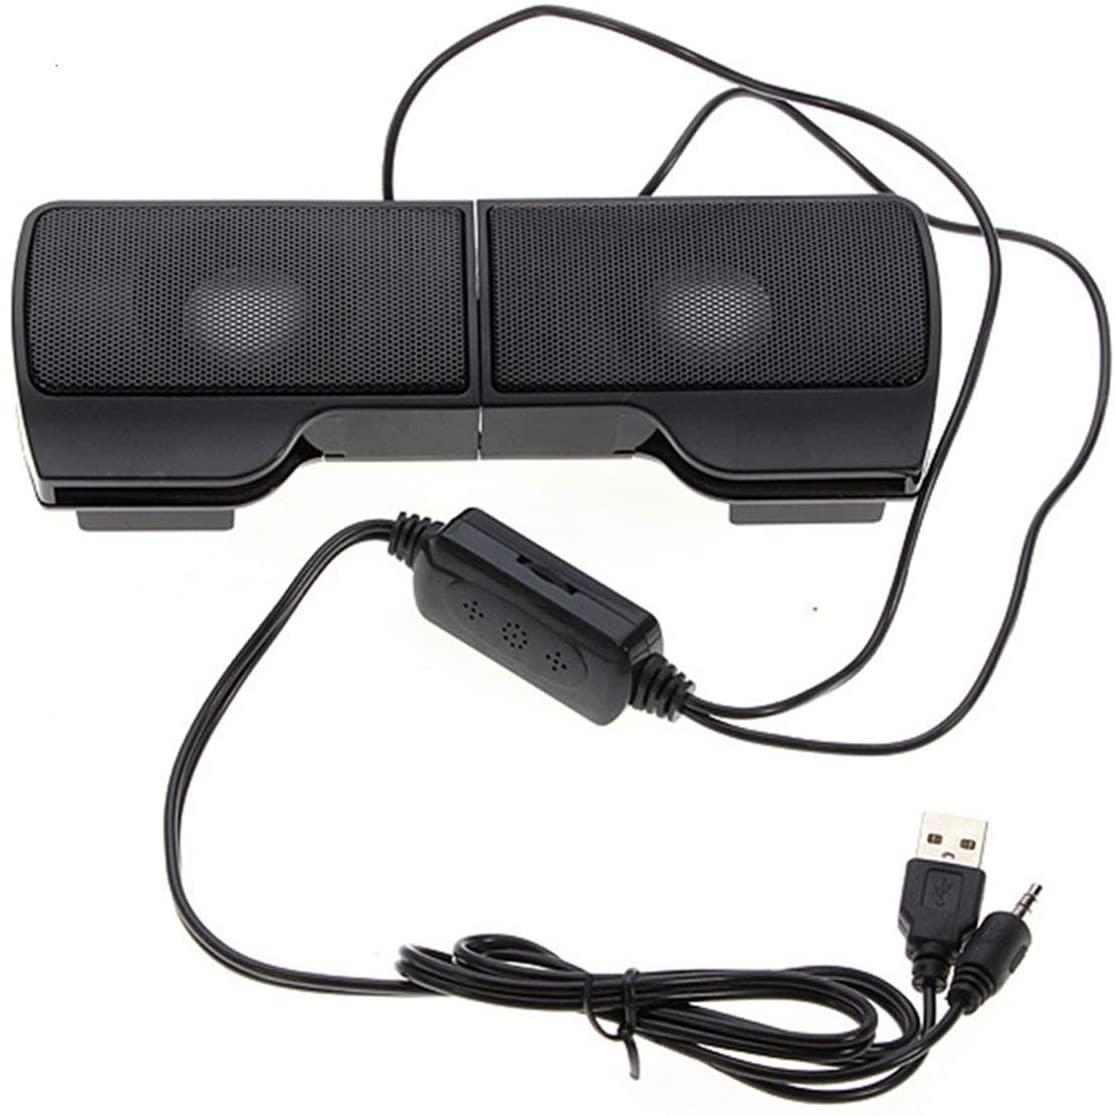 QUEEN.Y 클립 온 스테레오 컴퓨터 스피커 휴대용 사운드 바 PC 노트북 데스크톱 전화 윈도우 휴대용 미니 사운드 바 플러그 및 재생볼륨 제어